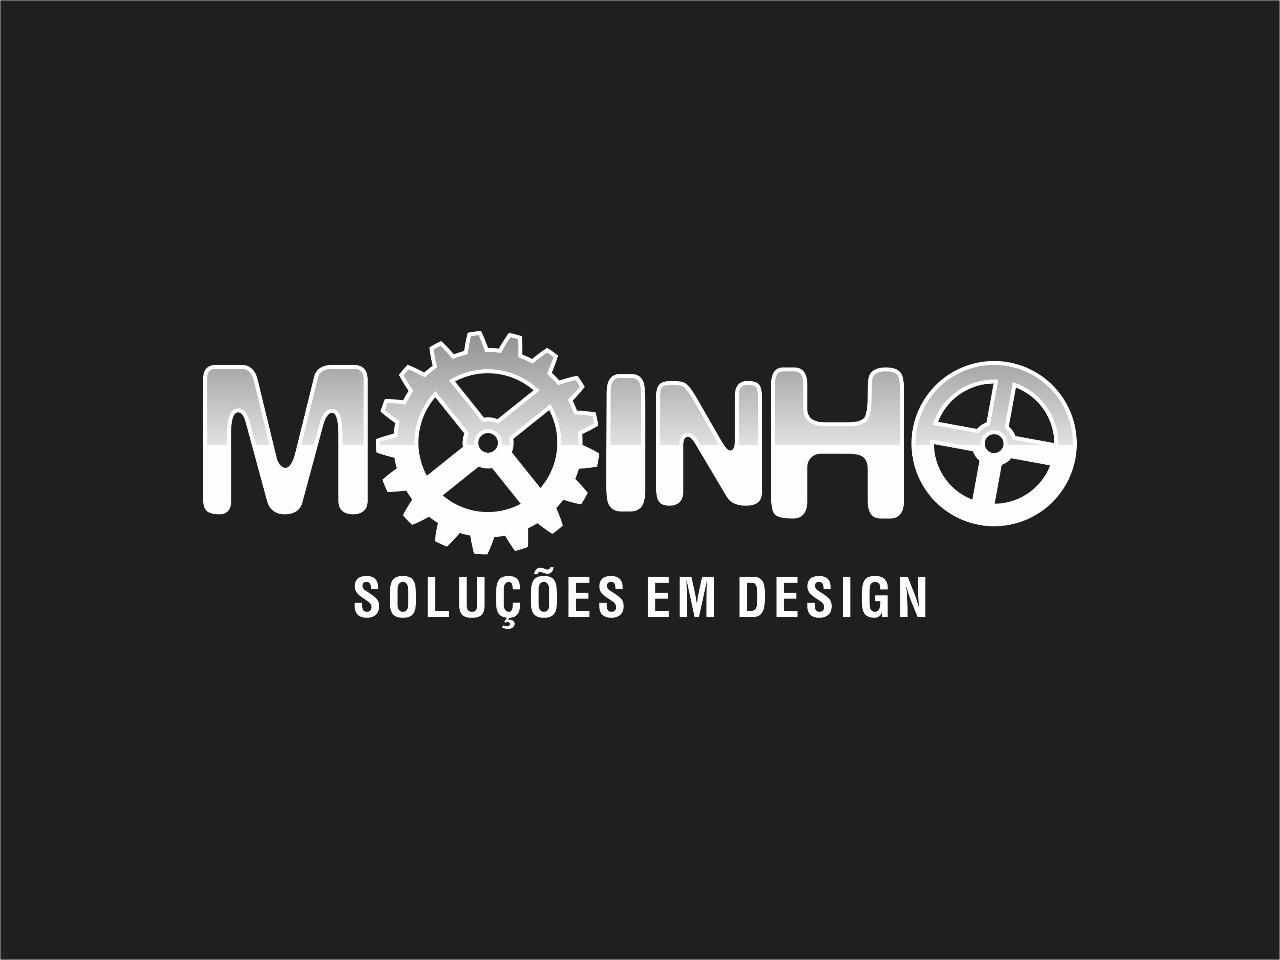 MOINHO SOLUÇÕES E DESIGN